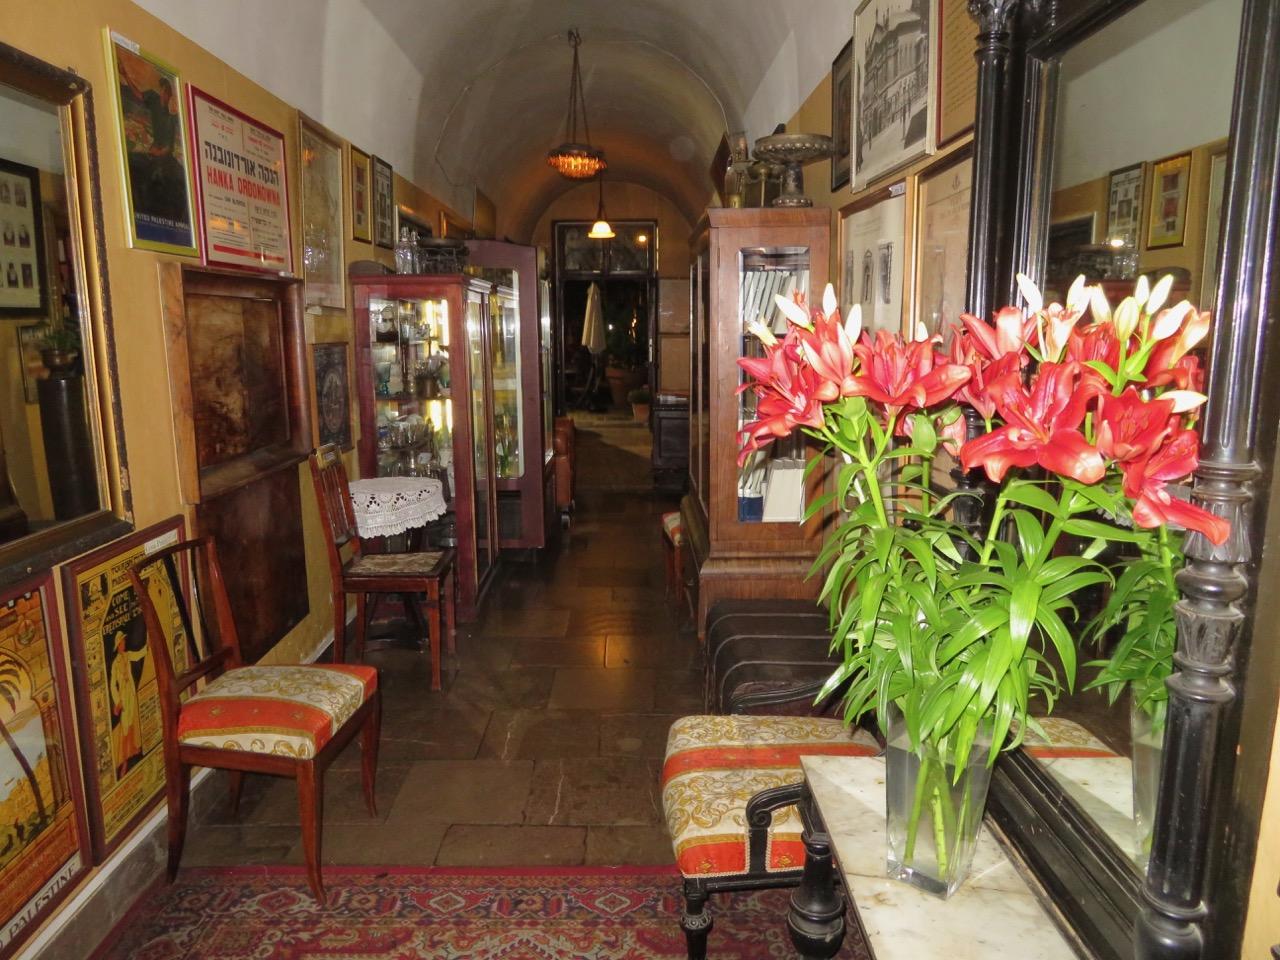 Restaurang Klezmer Hois. Här kändes det som om vi skulle spendera en kväll hemma hos vänner.